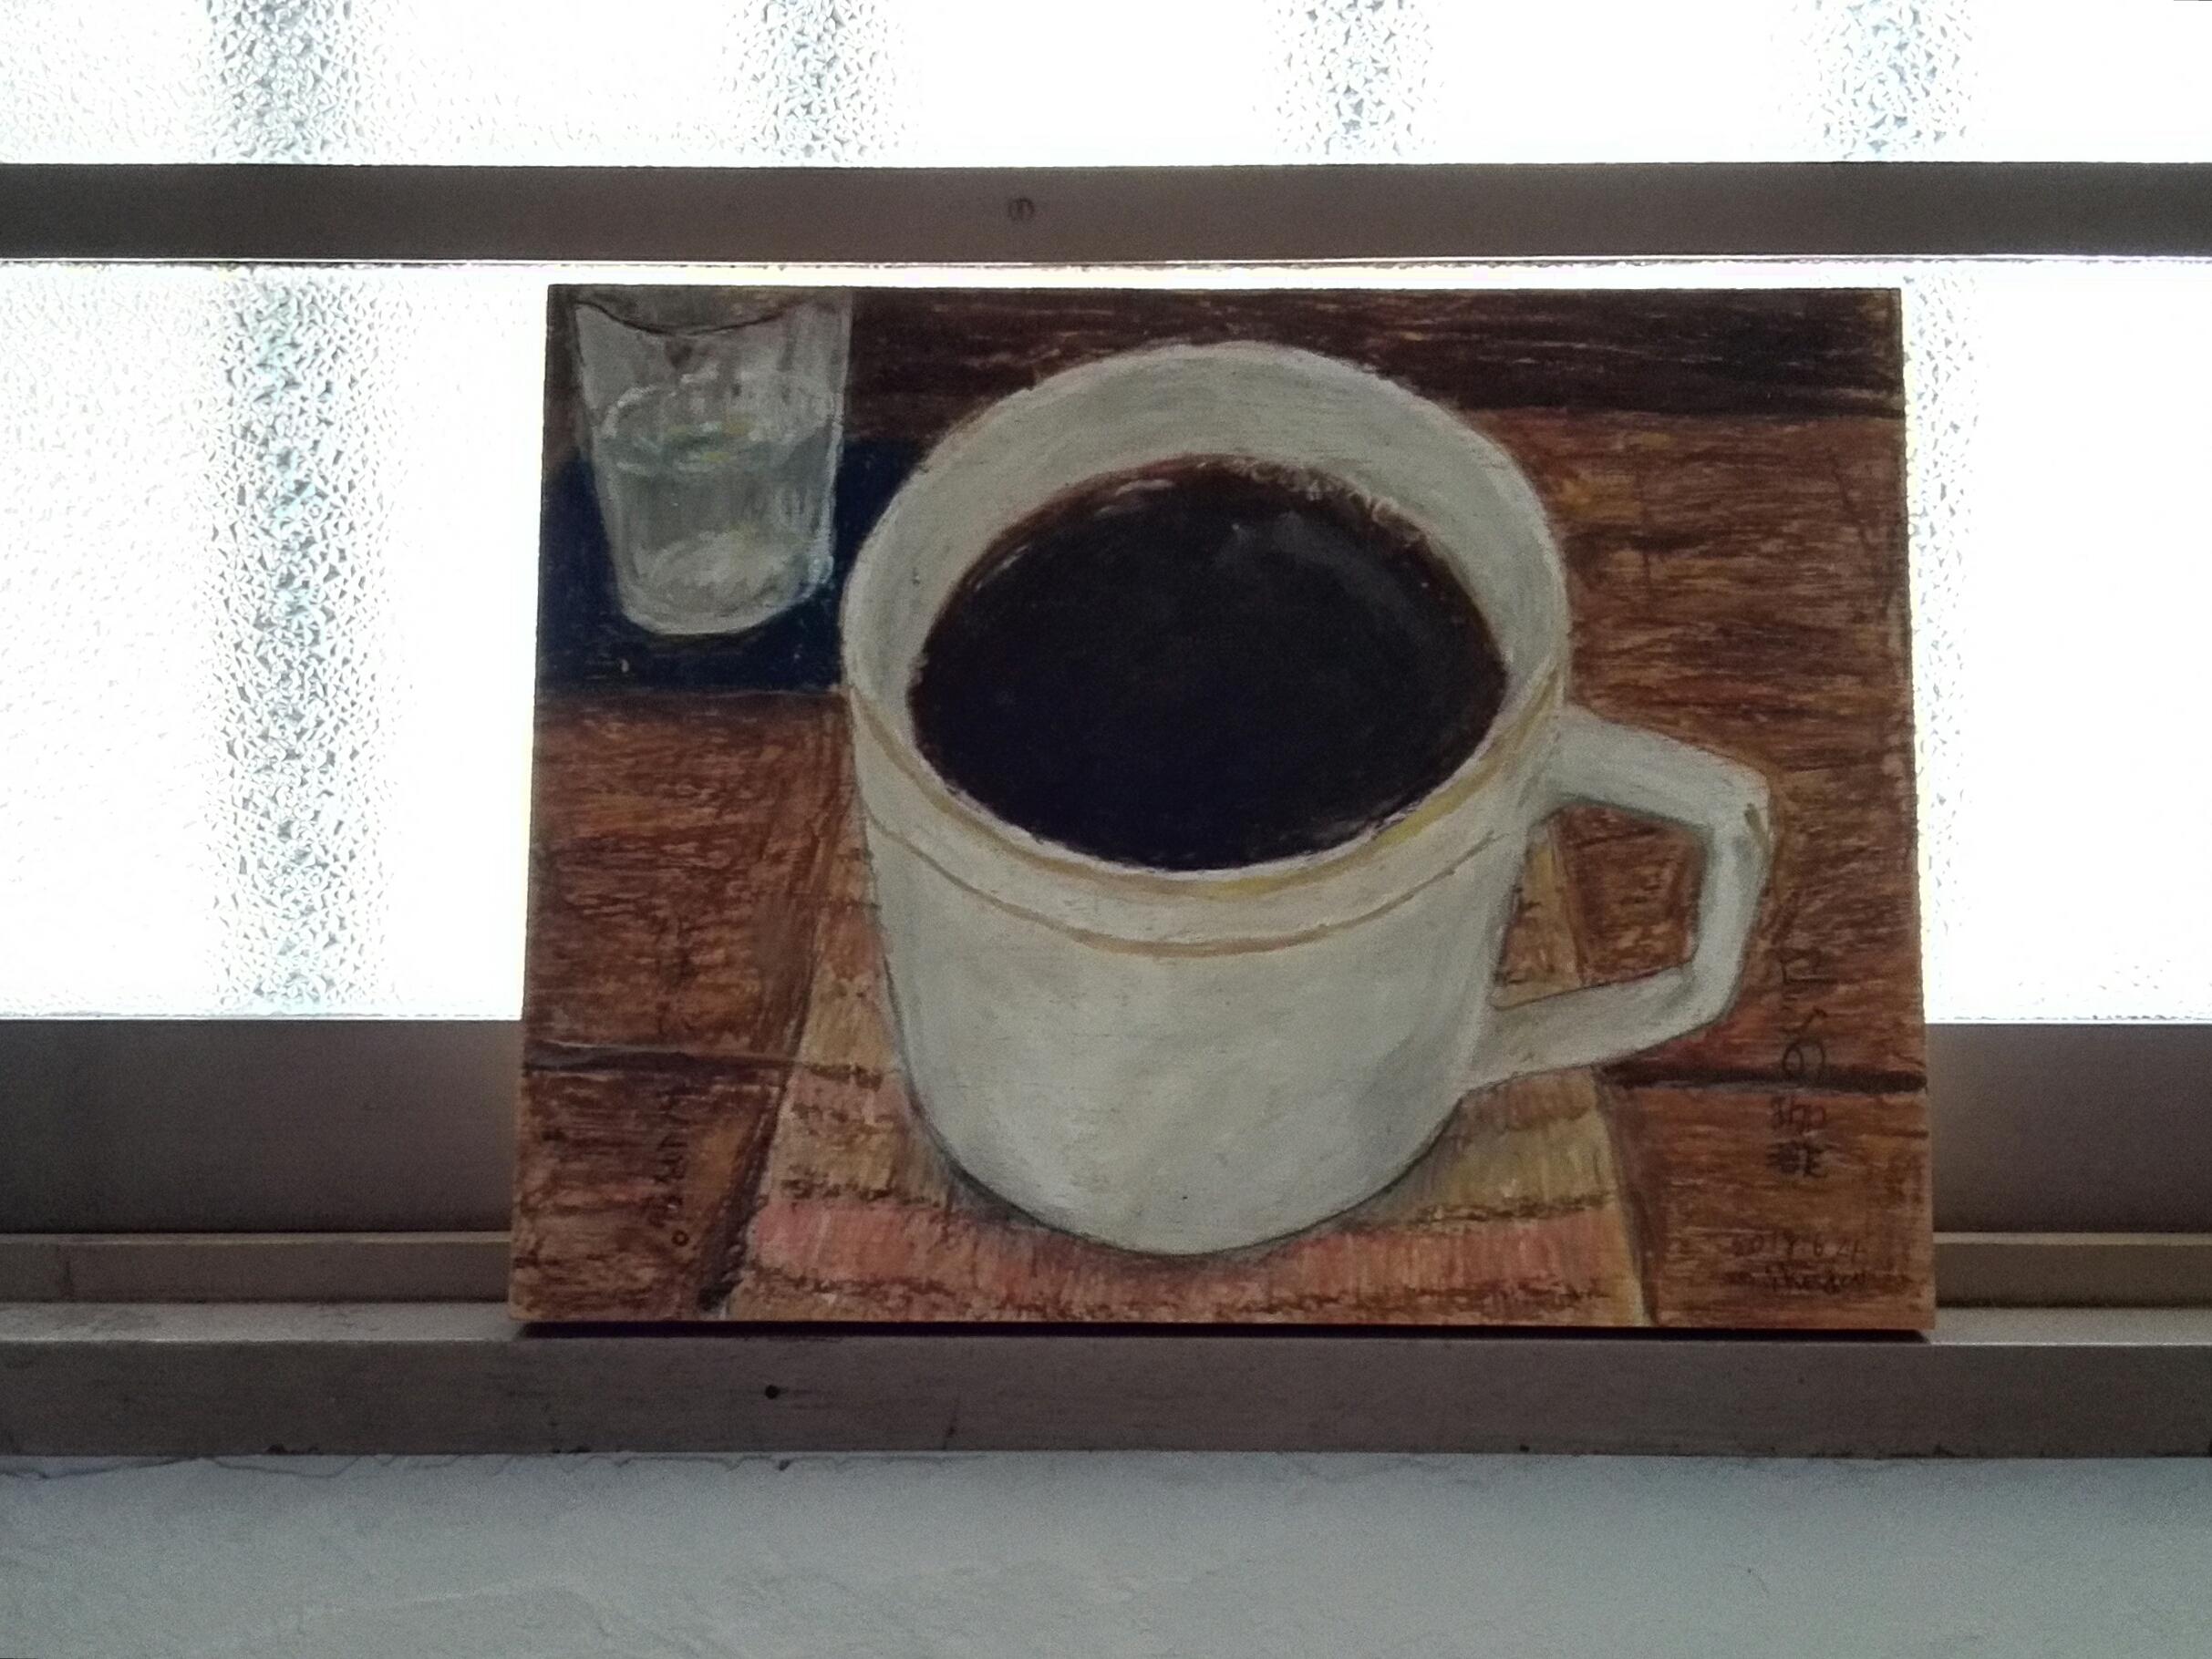 マメイケダさんが描いた喫茶路地のブレンドコーヒー